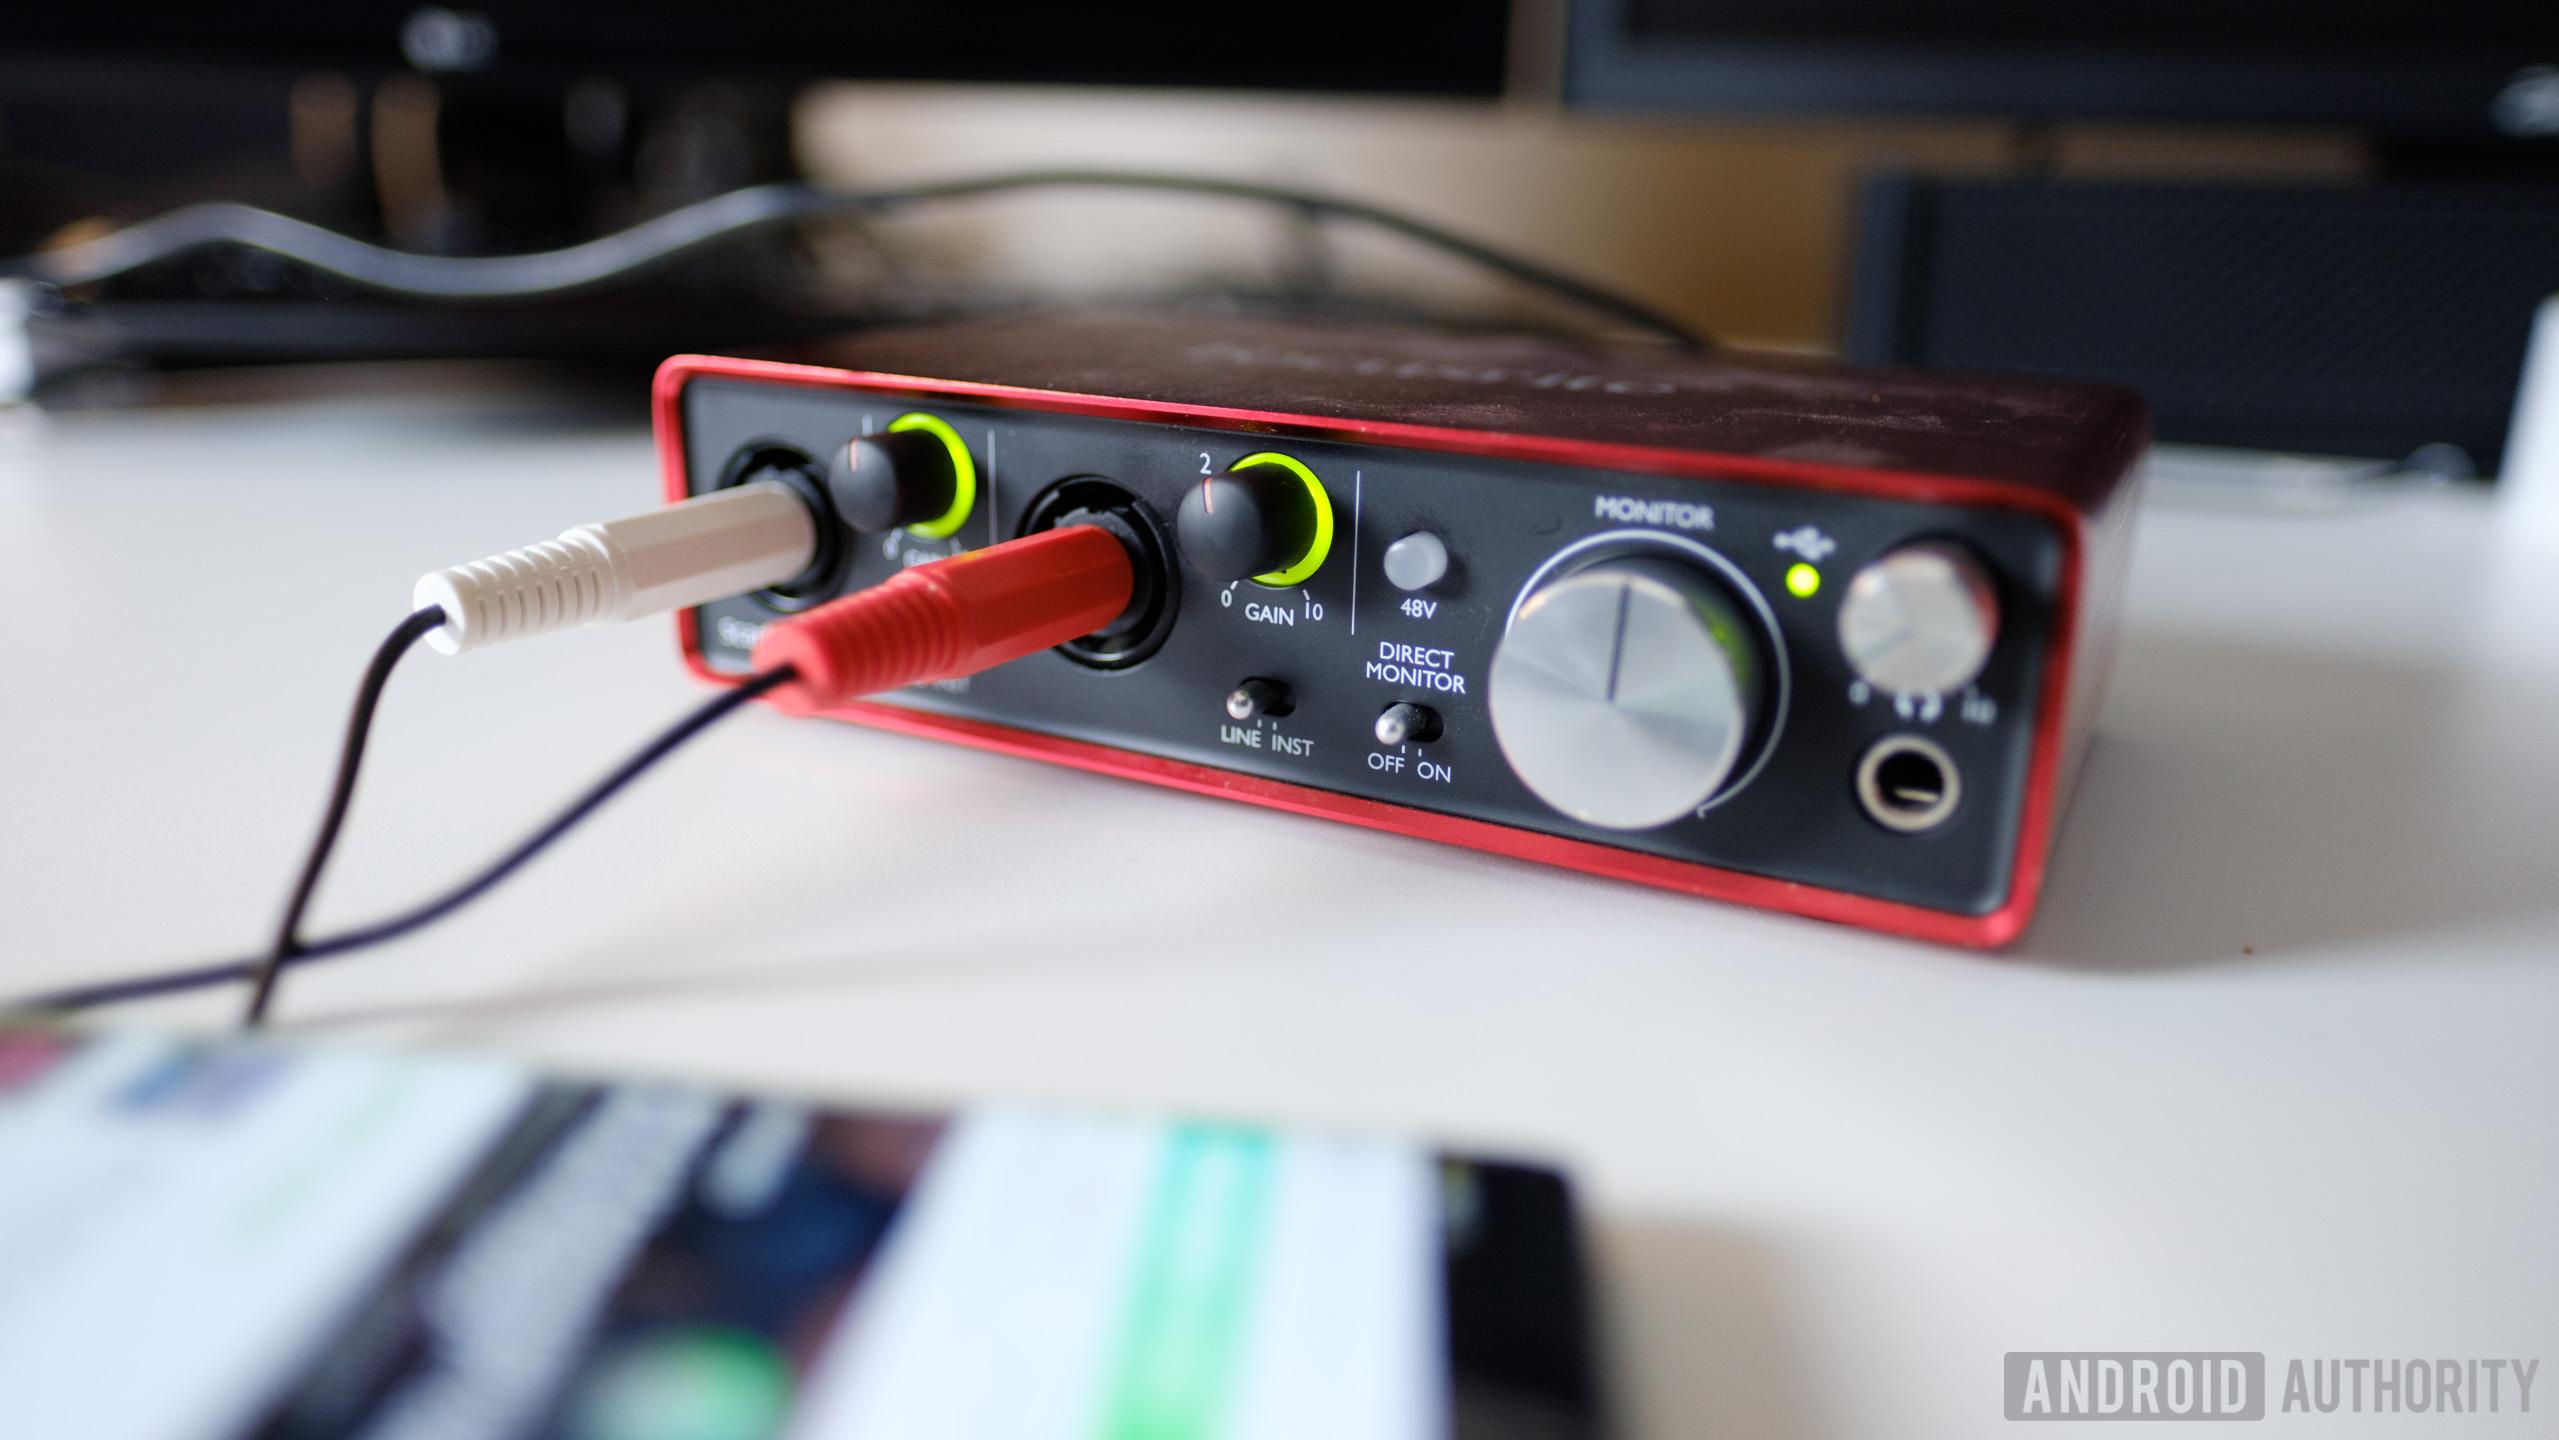 Best smartphones for audio - SoundGuys